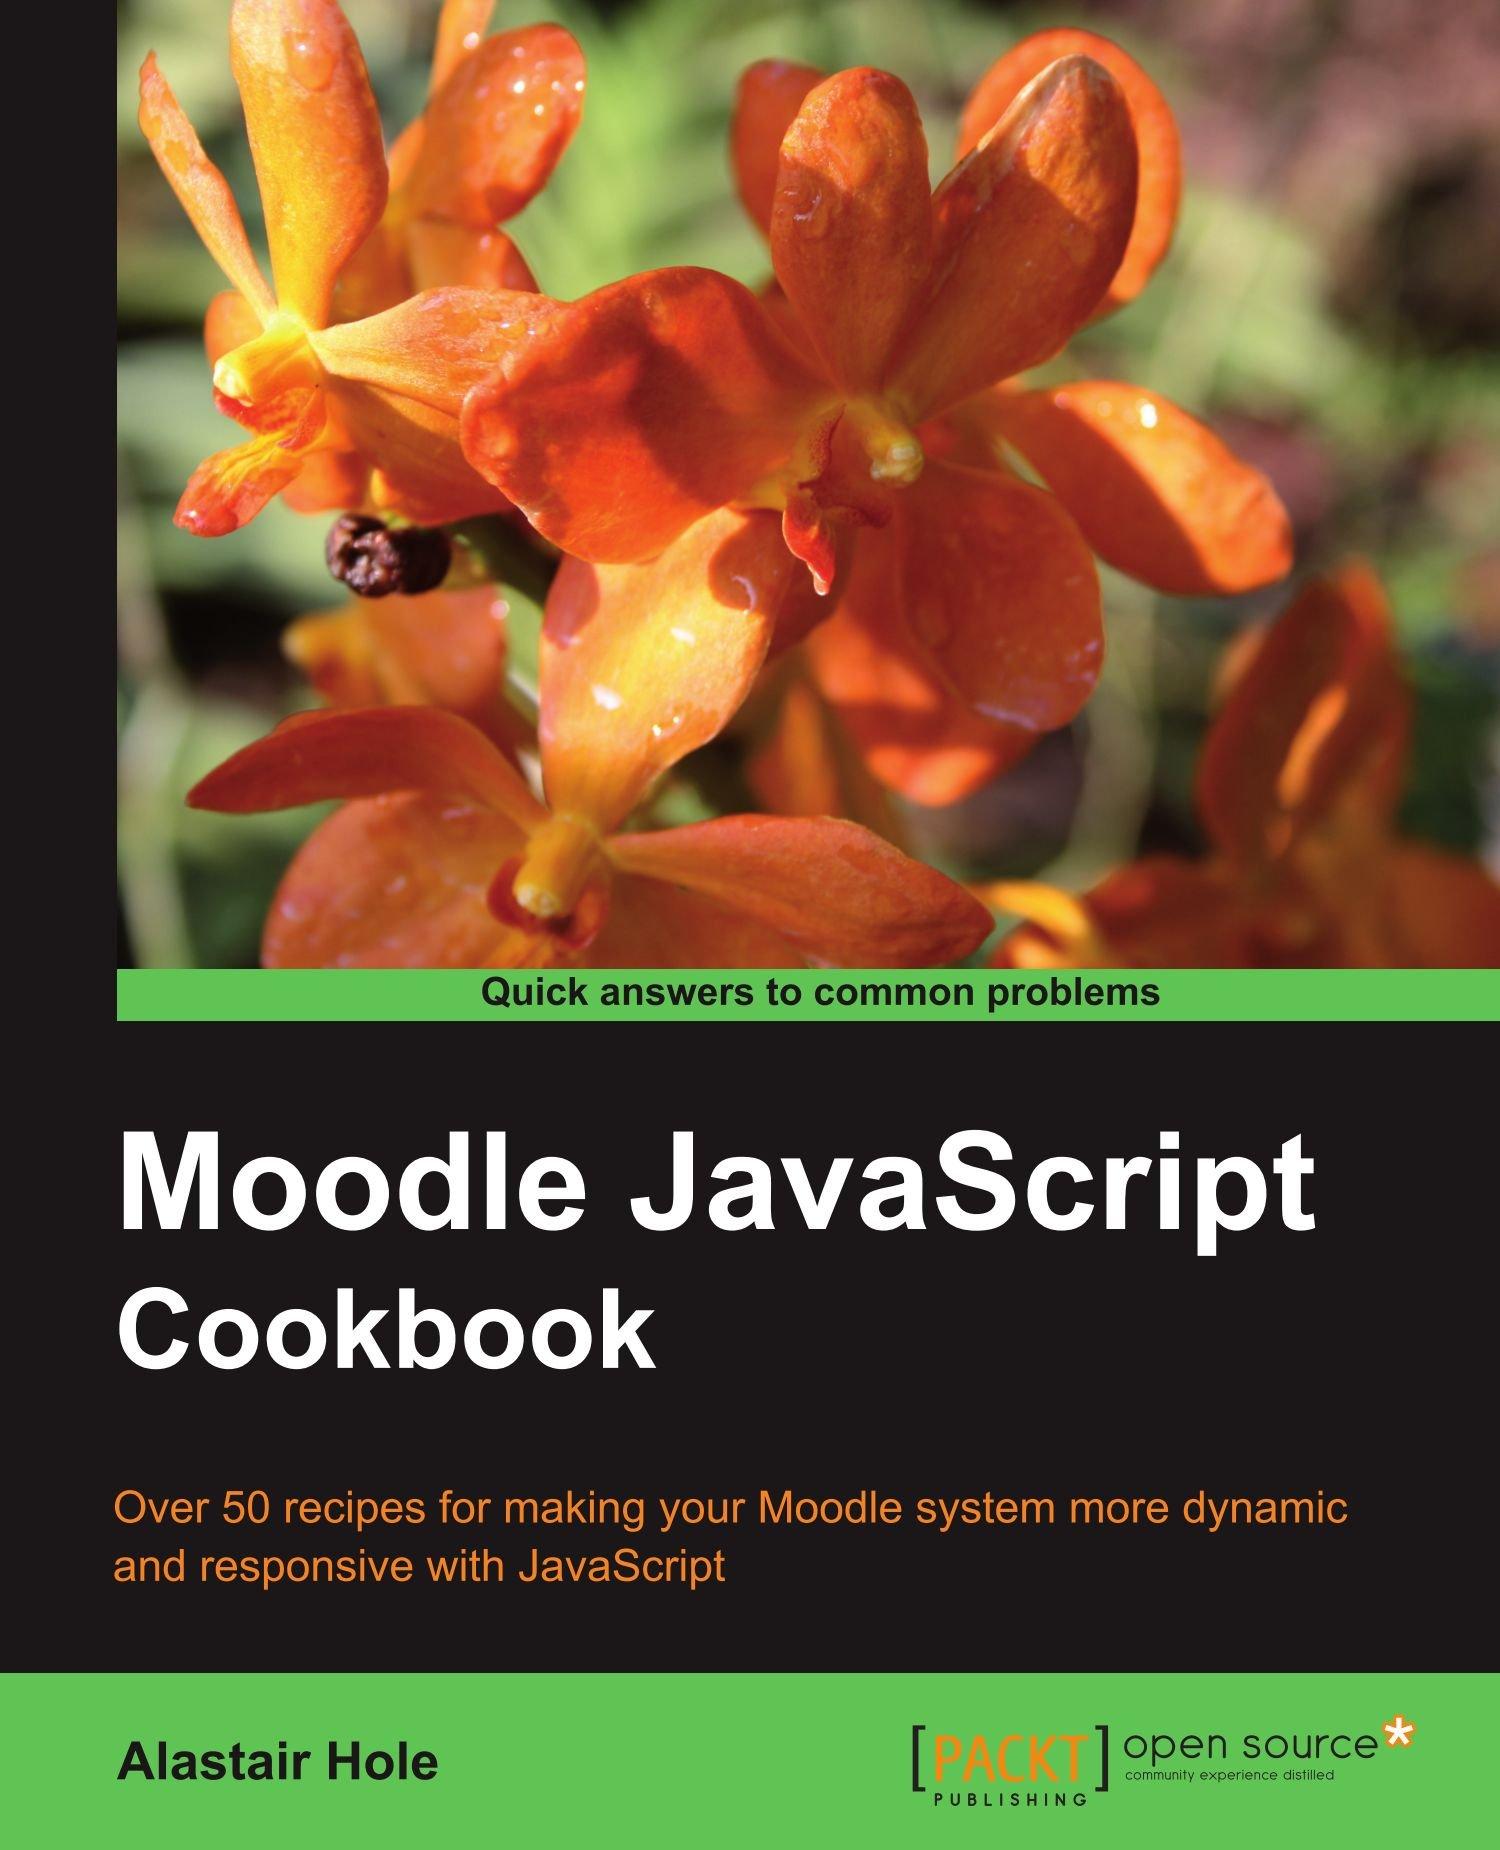 Moodle JavaScript Cookbook PDF